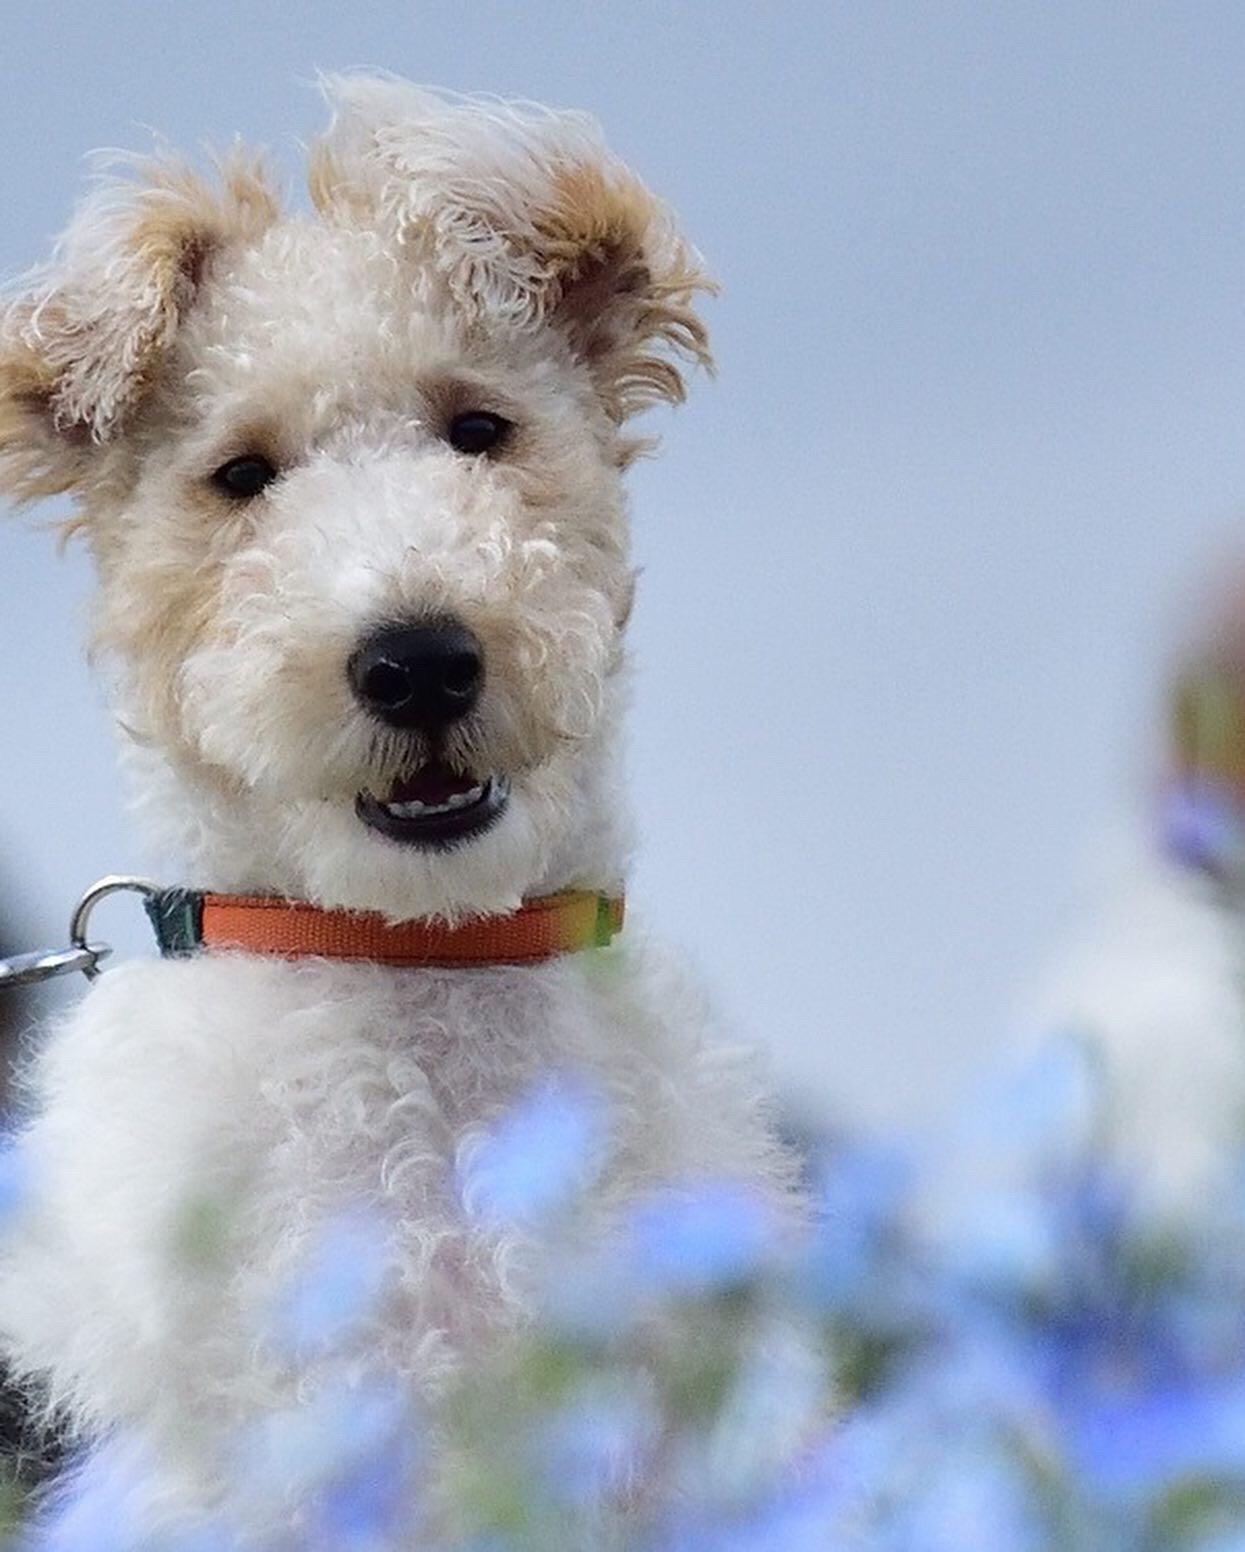 看板犬になれる日を夢みて・・・。